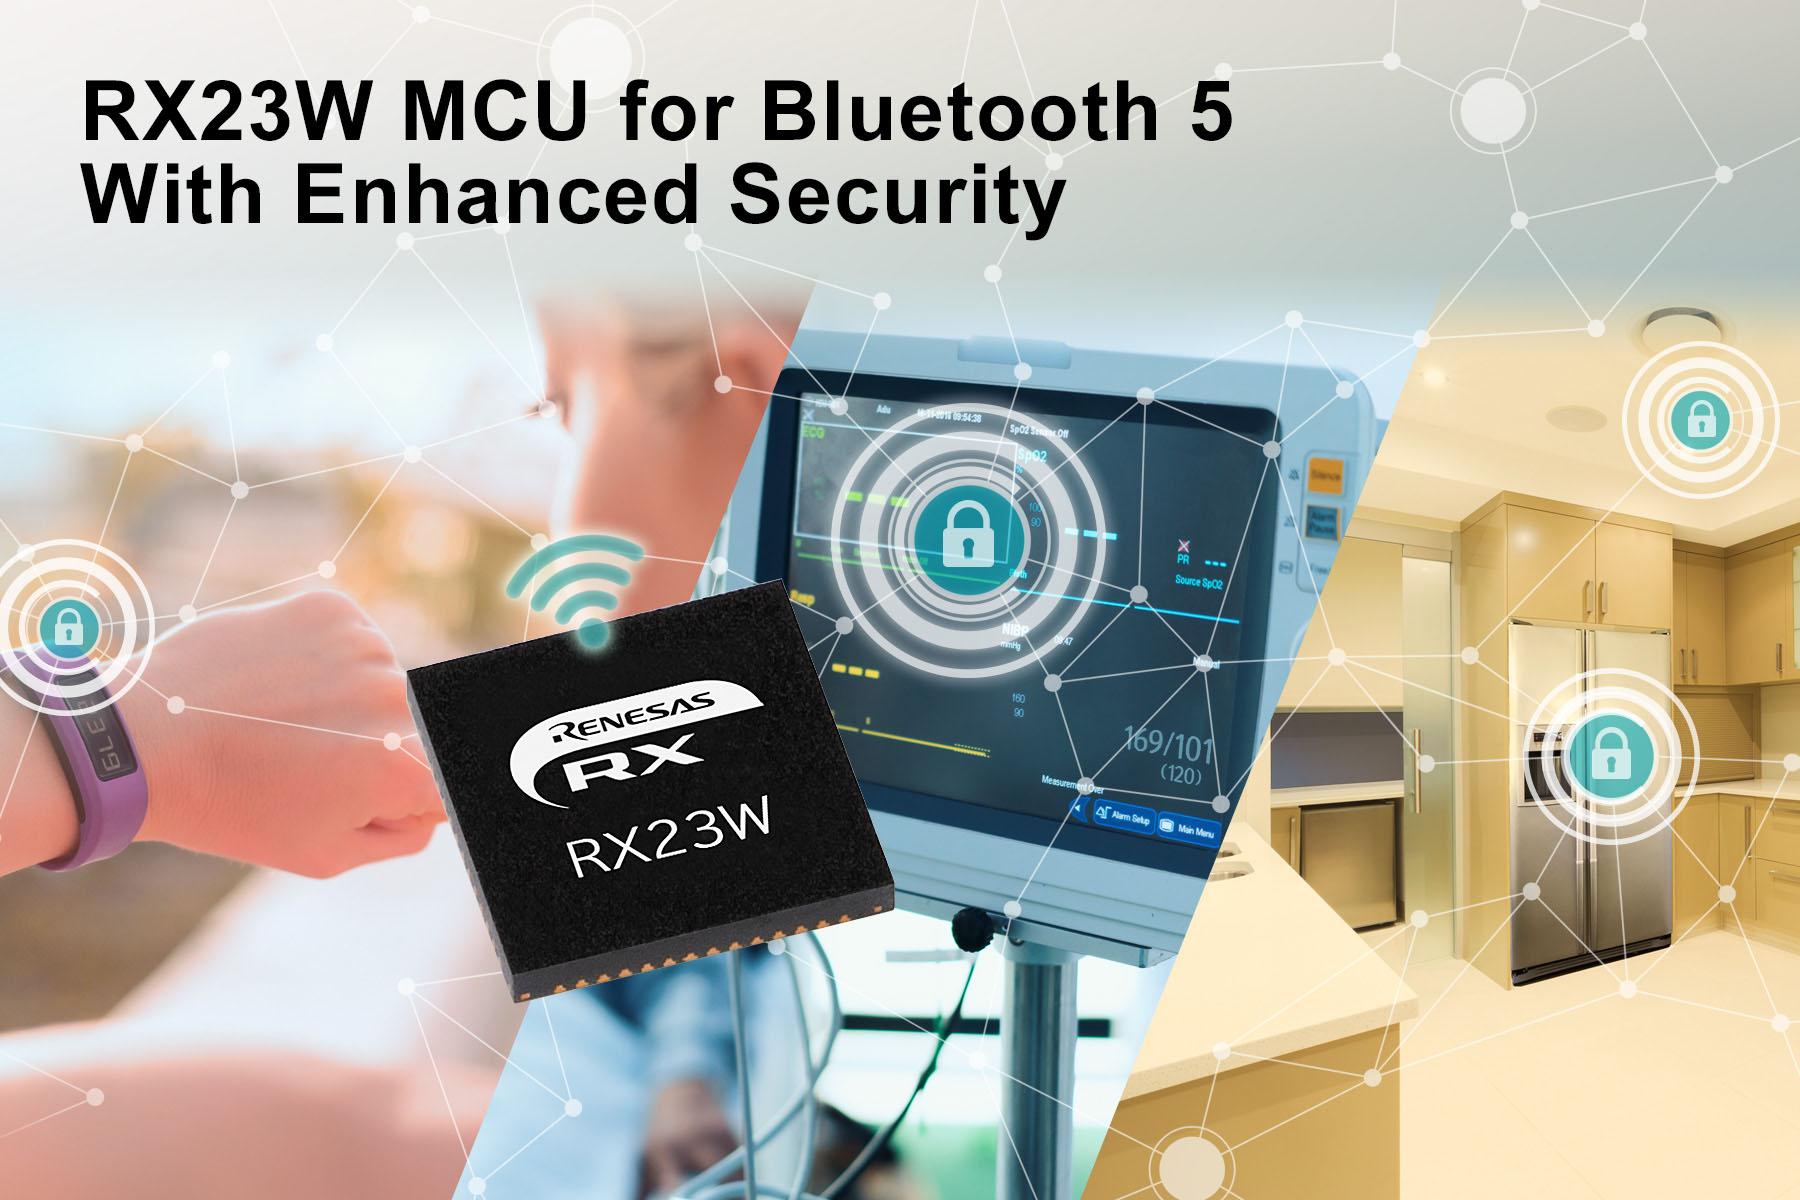 Renesas' RX23W MCU with Bluetooth 5.0